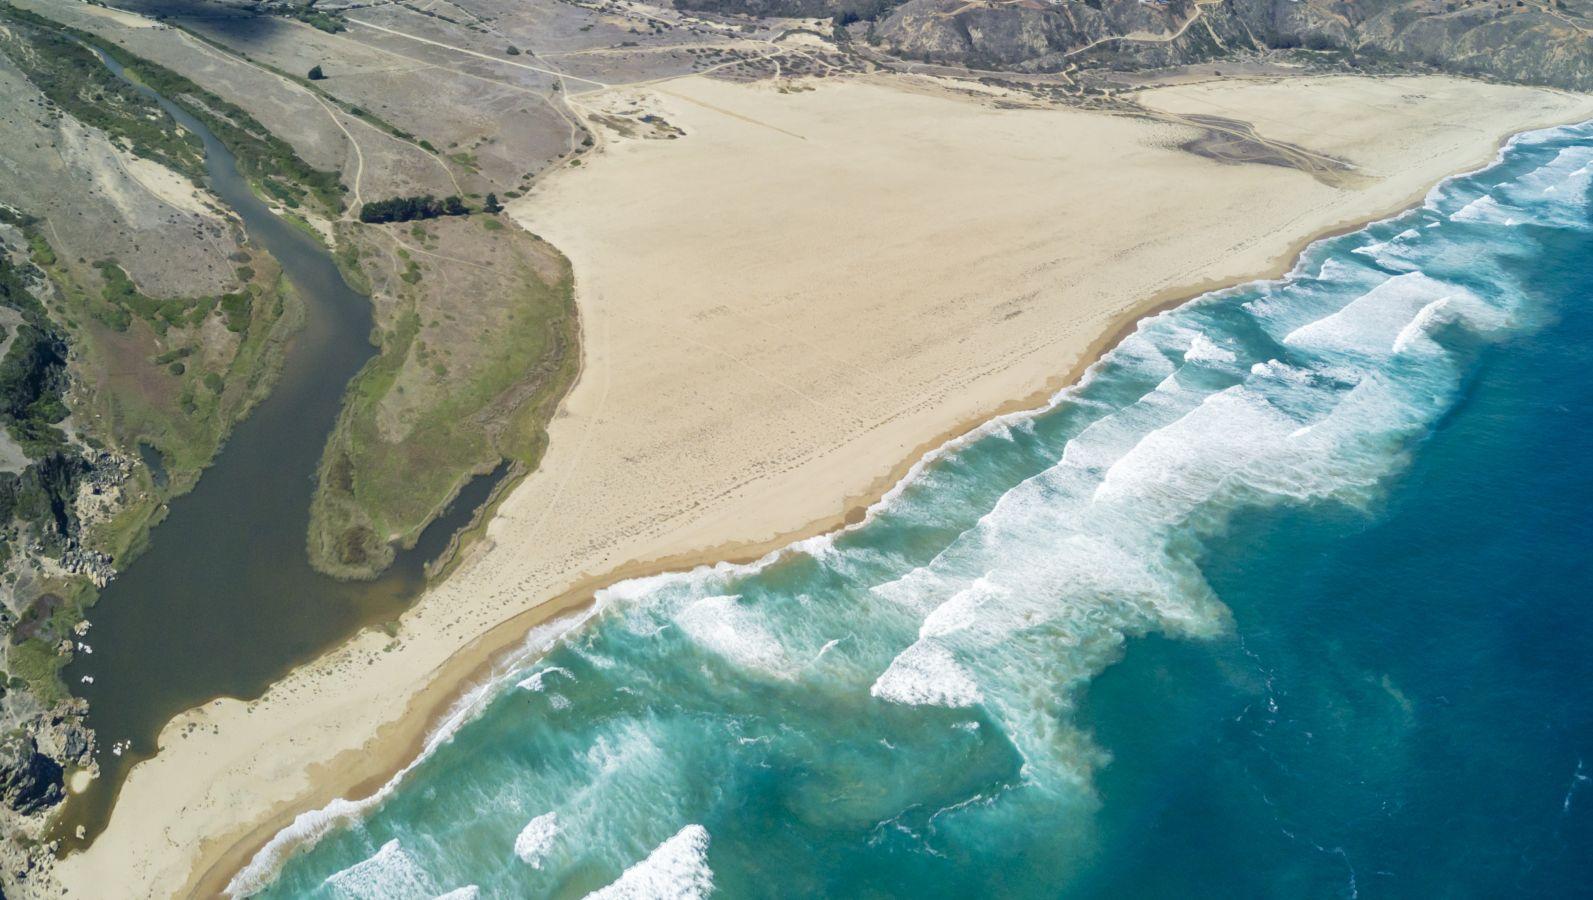 Sandiges Festland trifft an einer Küste auf türkis-blaues Meer. Große Wellen brechen in der Brandung kurz vor dem Strand.